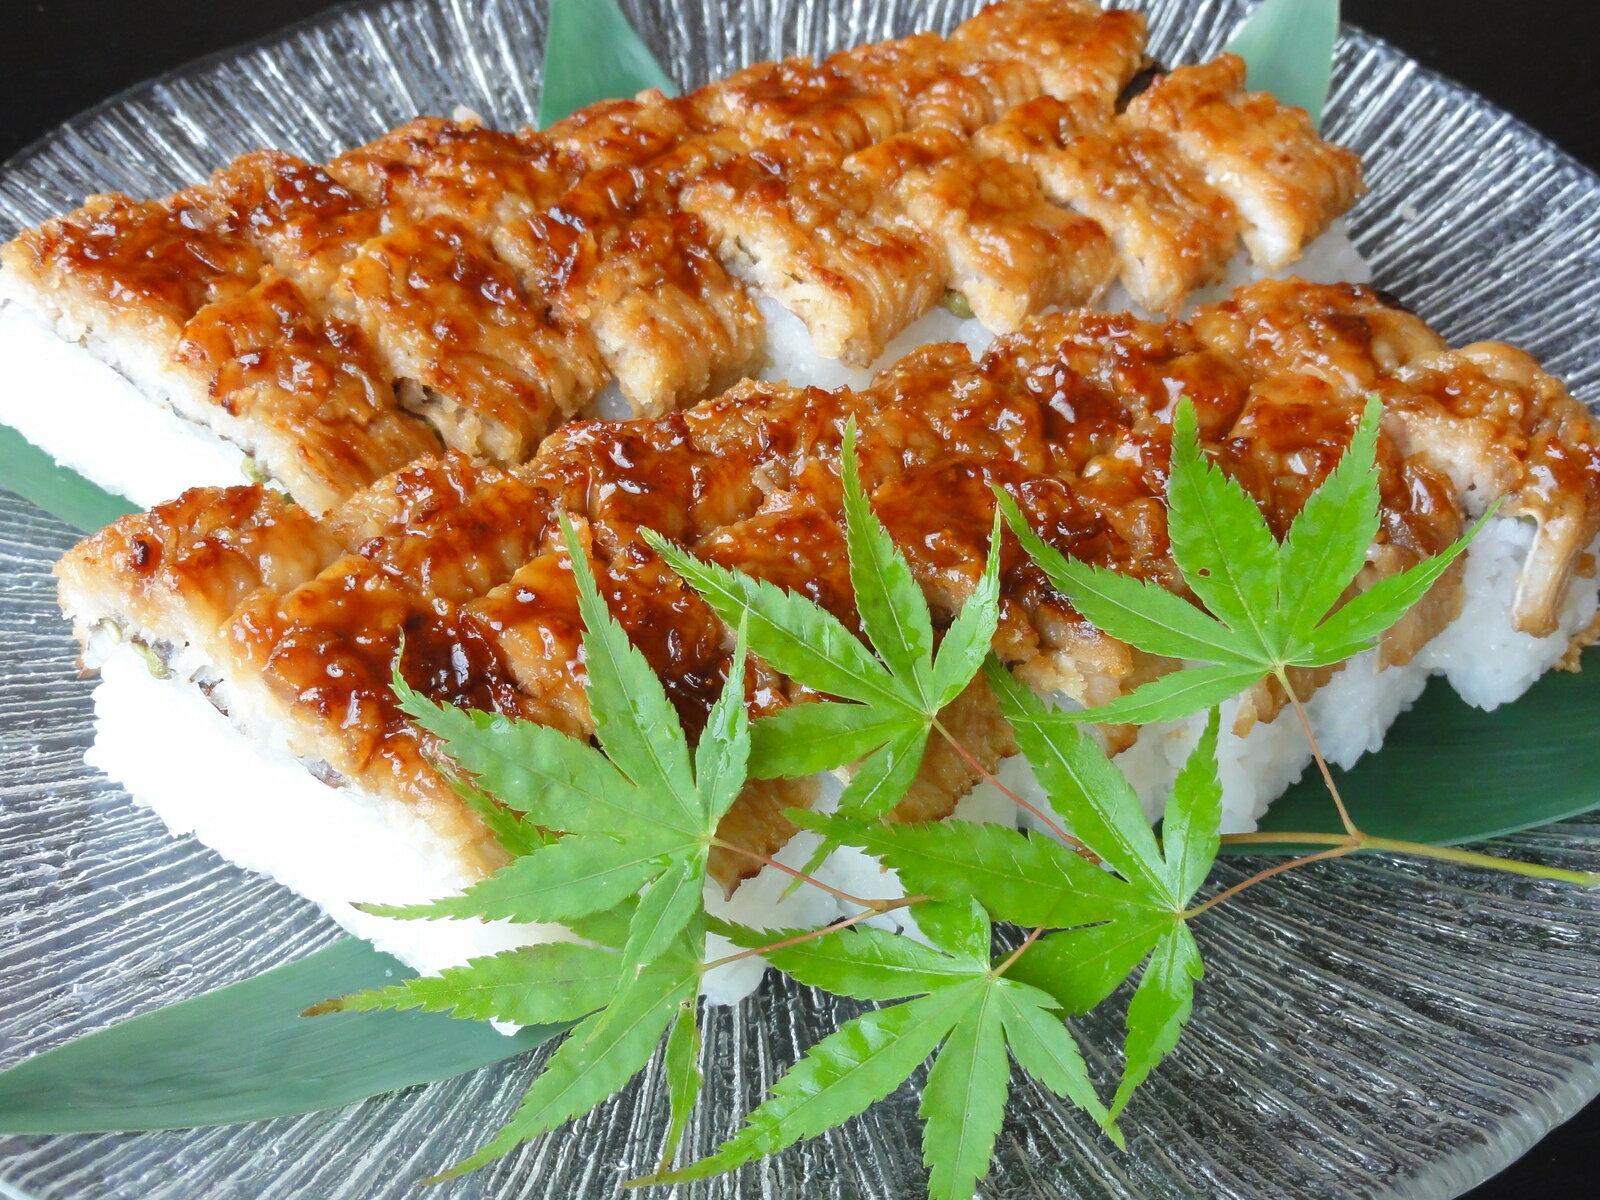 お中元に最適のハモ姿寿司(店主厳選こだわりの瀬戸内近海産活ハモ使用)高級感溢れるこだわりの品